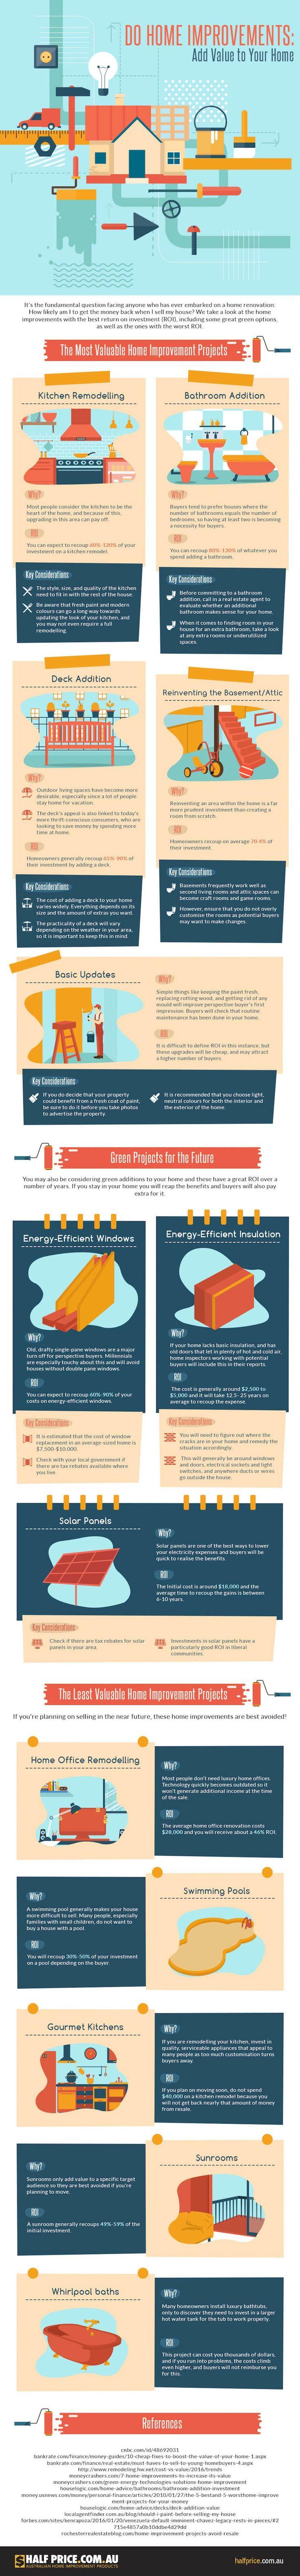 Metade Persianas Preço, melhoria home, Infográfico, leitor apresentado conteúdo, mais valiosos projetos de melhoria de casa, casa melhoria projectos menos valiosos,